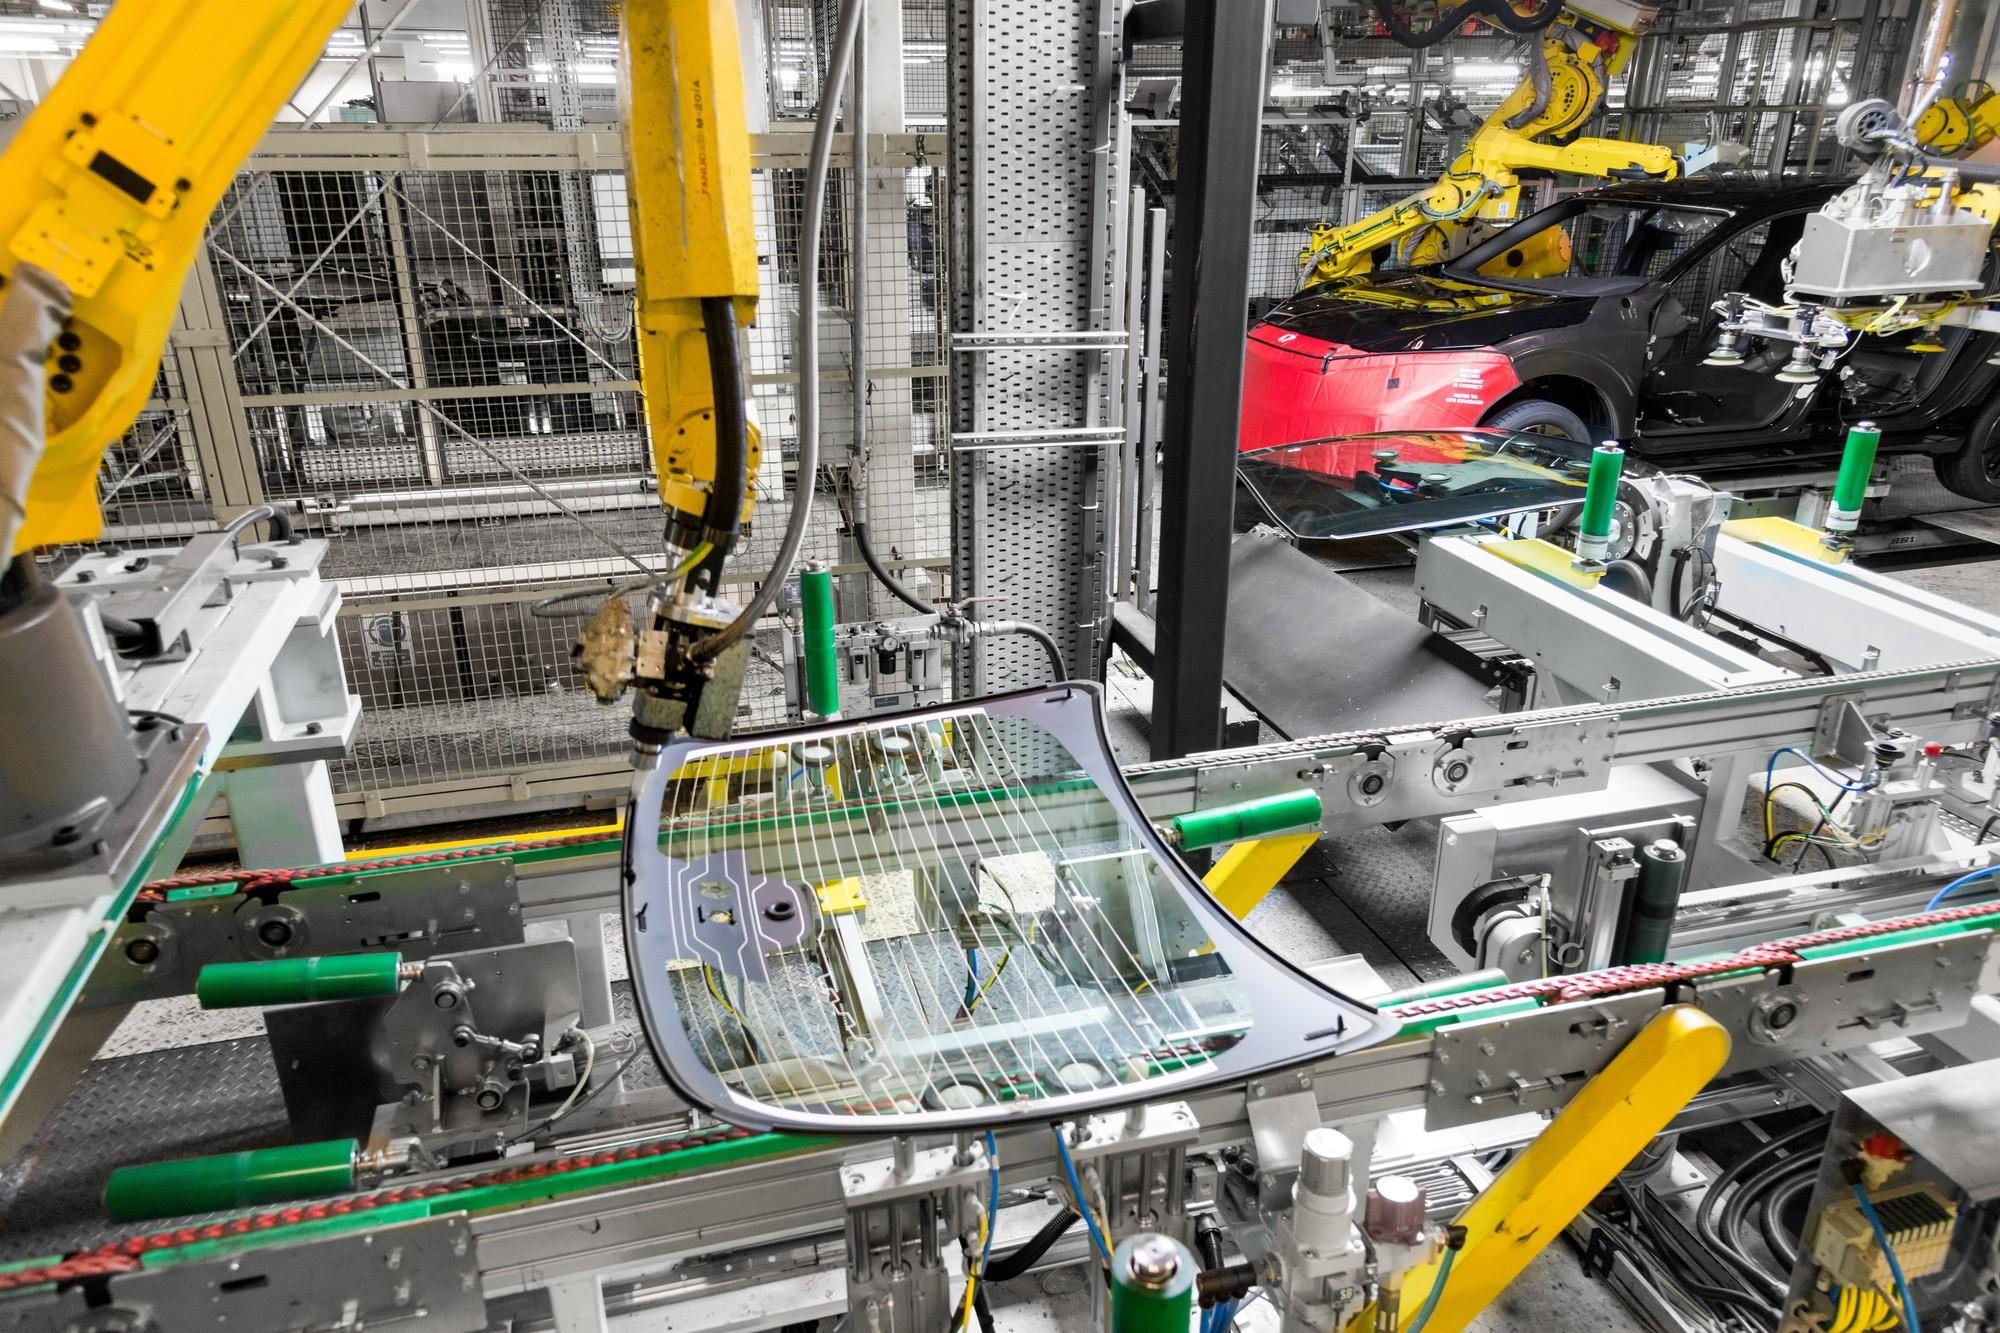 Британский завод Honda оказался никому не нужен: его закроют 30 июля и продадут по частям